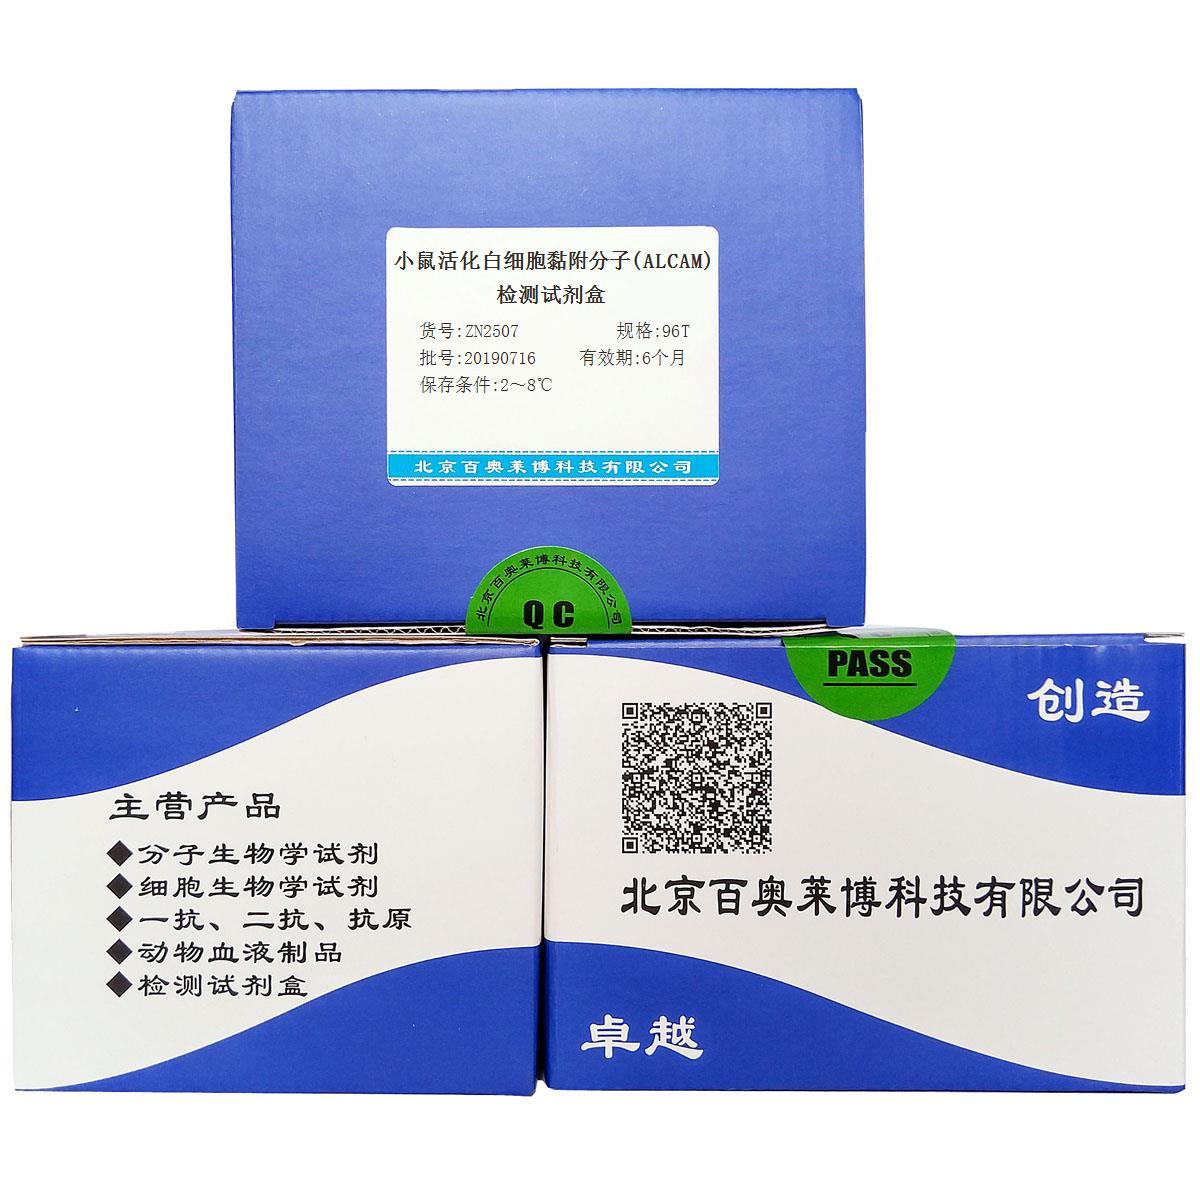 小鼠活化白细胞黏附分子(ALCAM)检测试剂盒